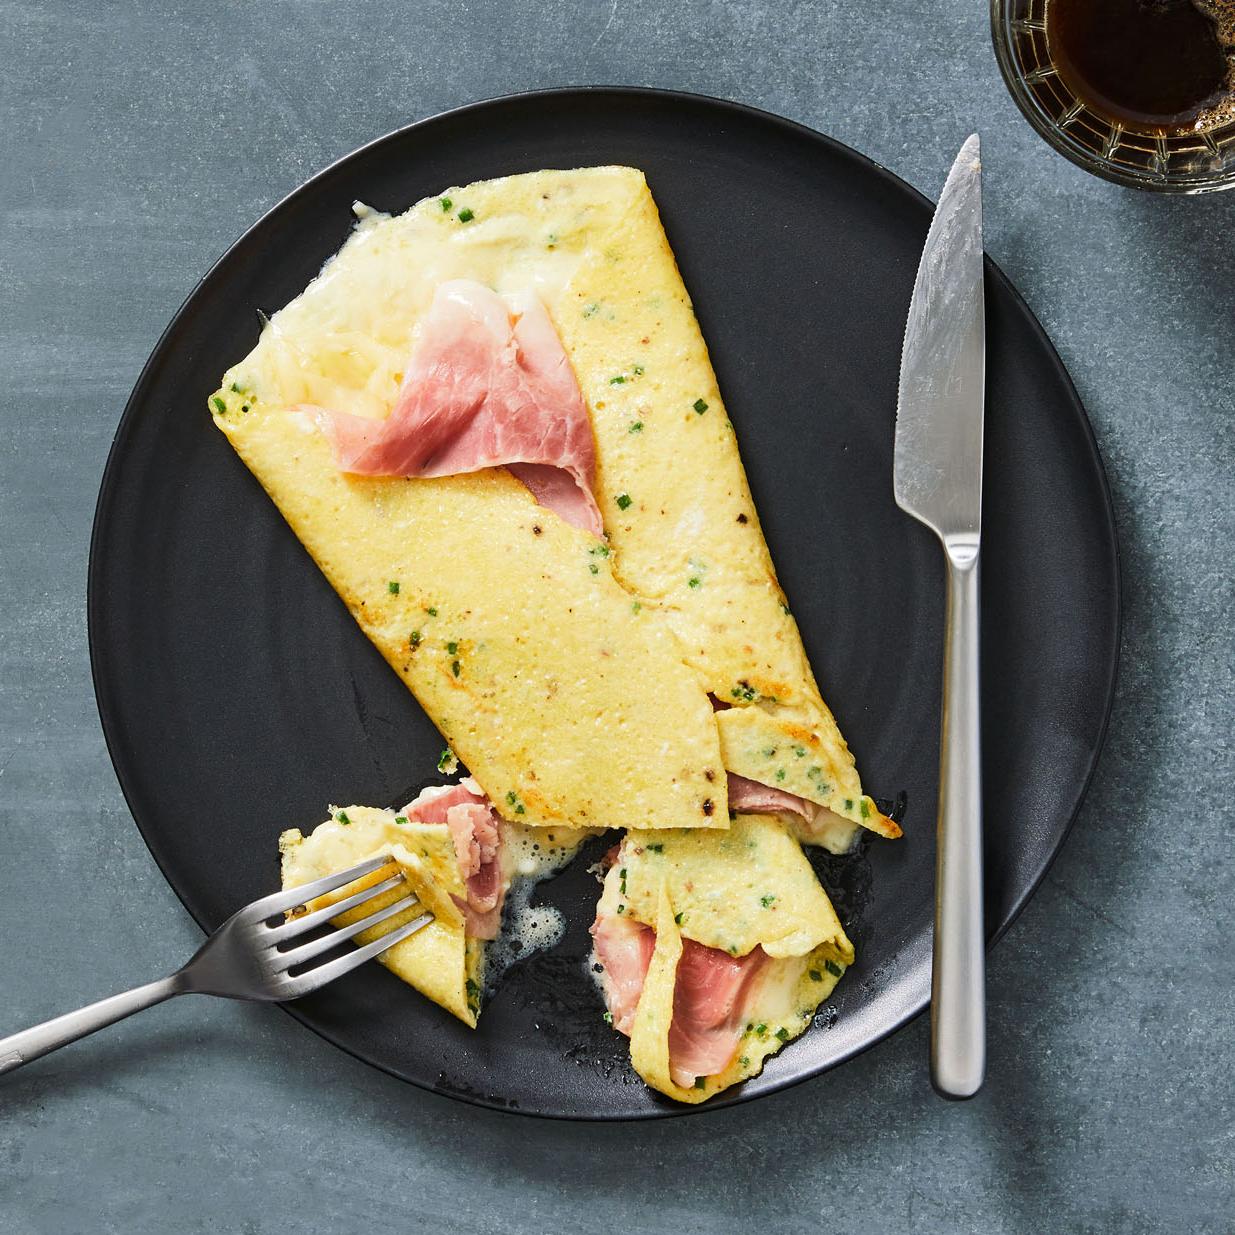 croque madame egg crepe